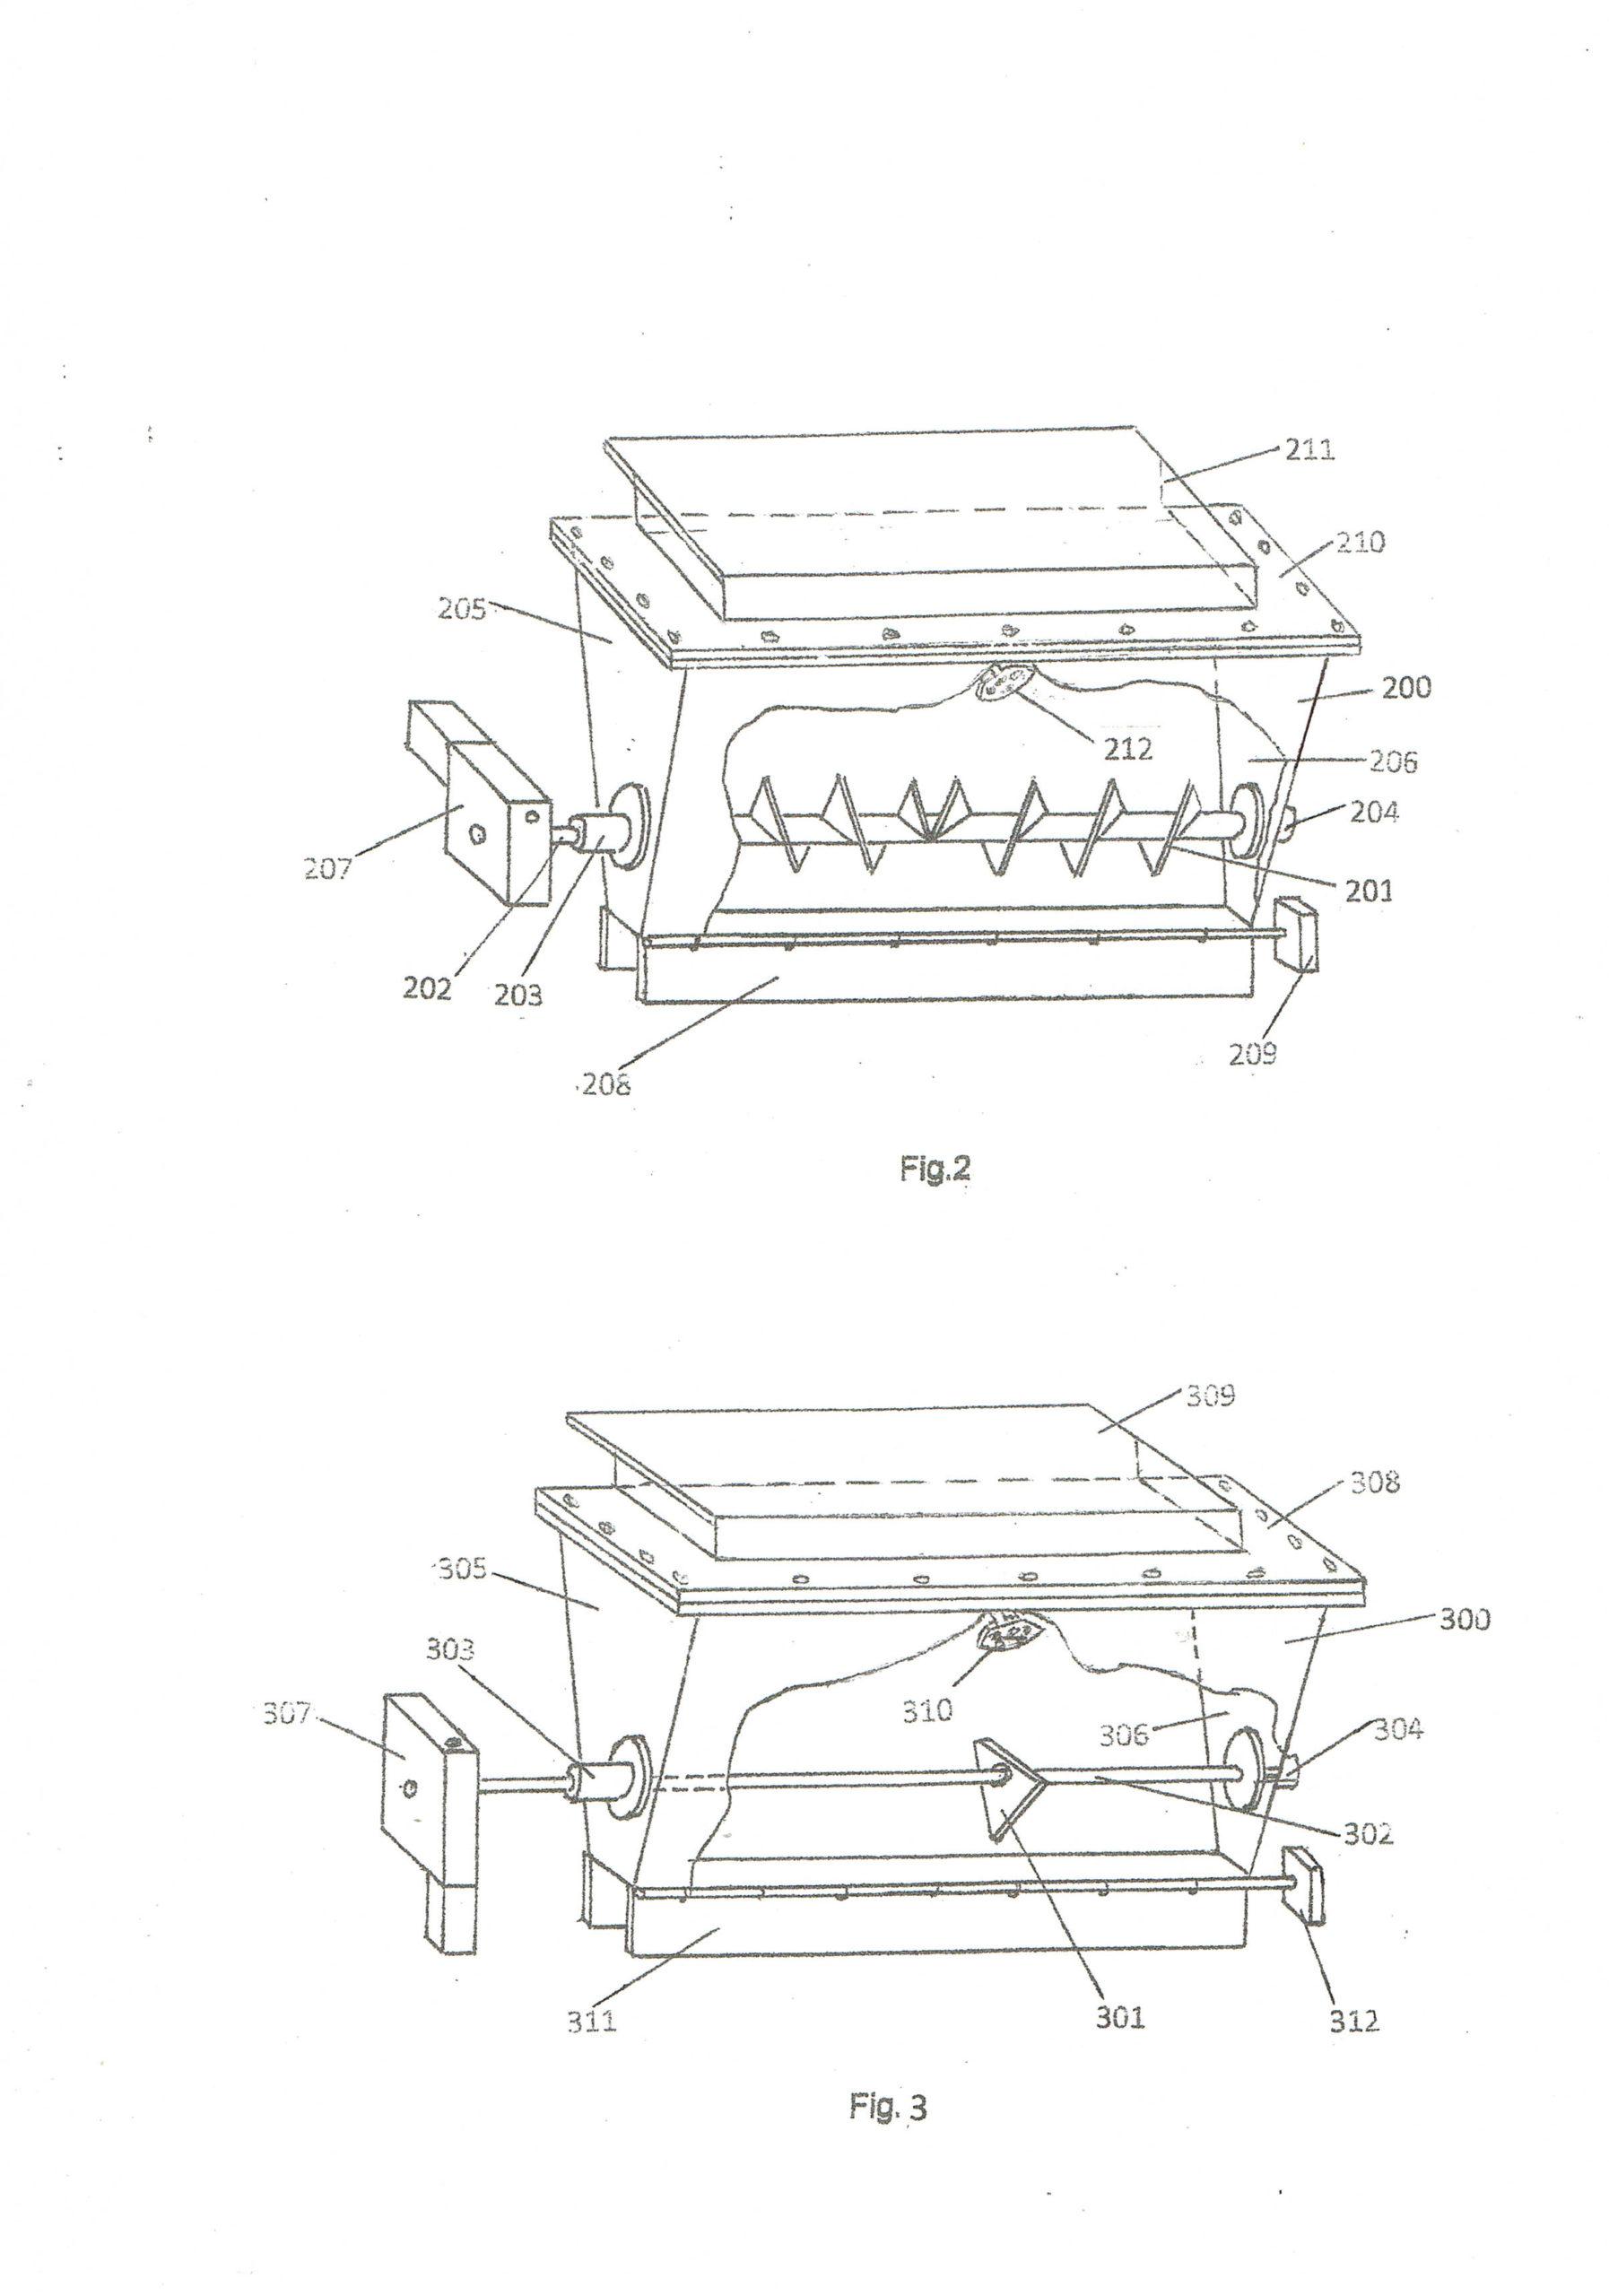 Рис. 2. Схематическая конструкция питательного устройства с мешалкой винтового типа; Рис. 3. Схематическая конструкция питательного устройства с мешалкой лопаточного типа